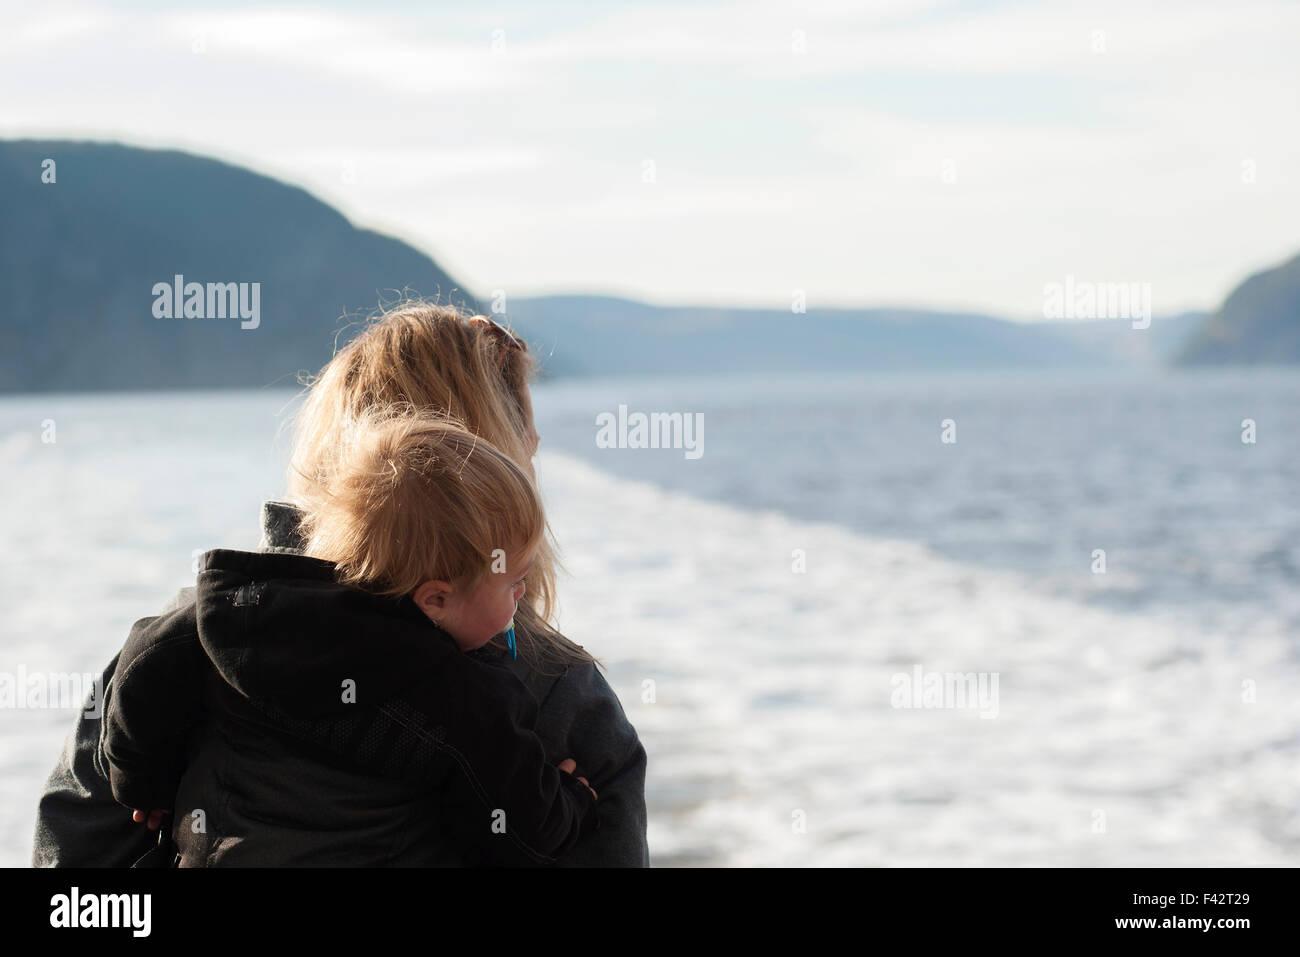 Mutter und junge Sohn ruhigen See betrachten Stockbild